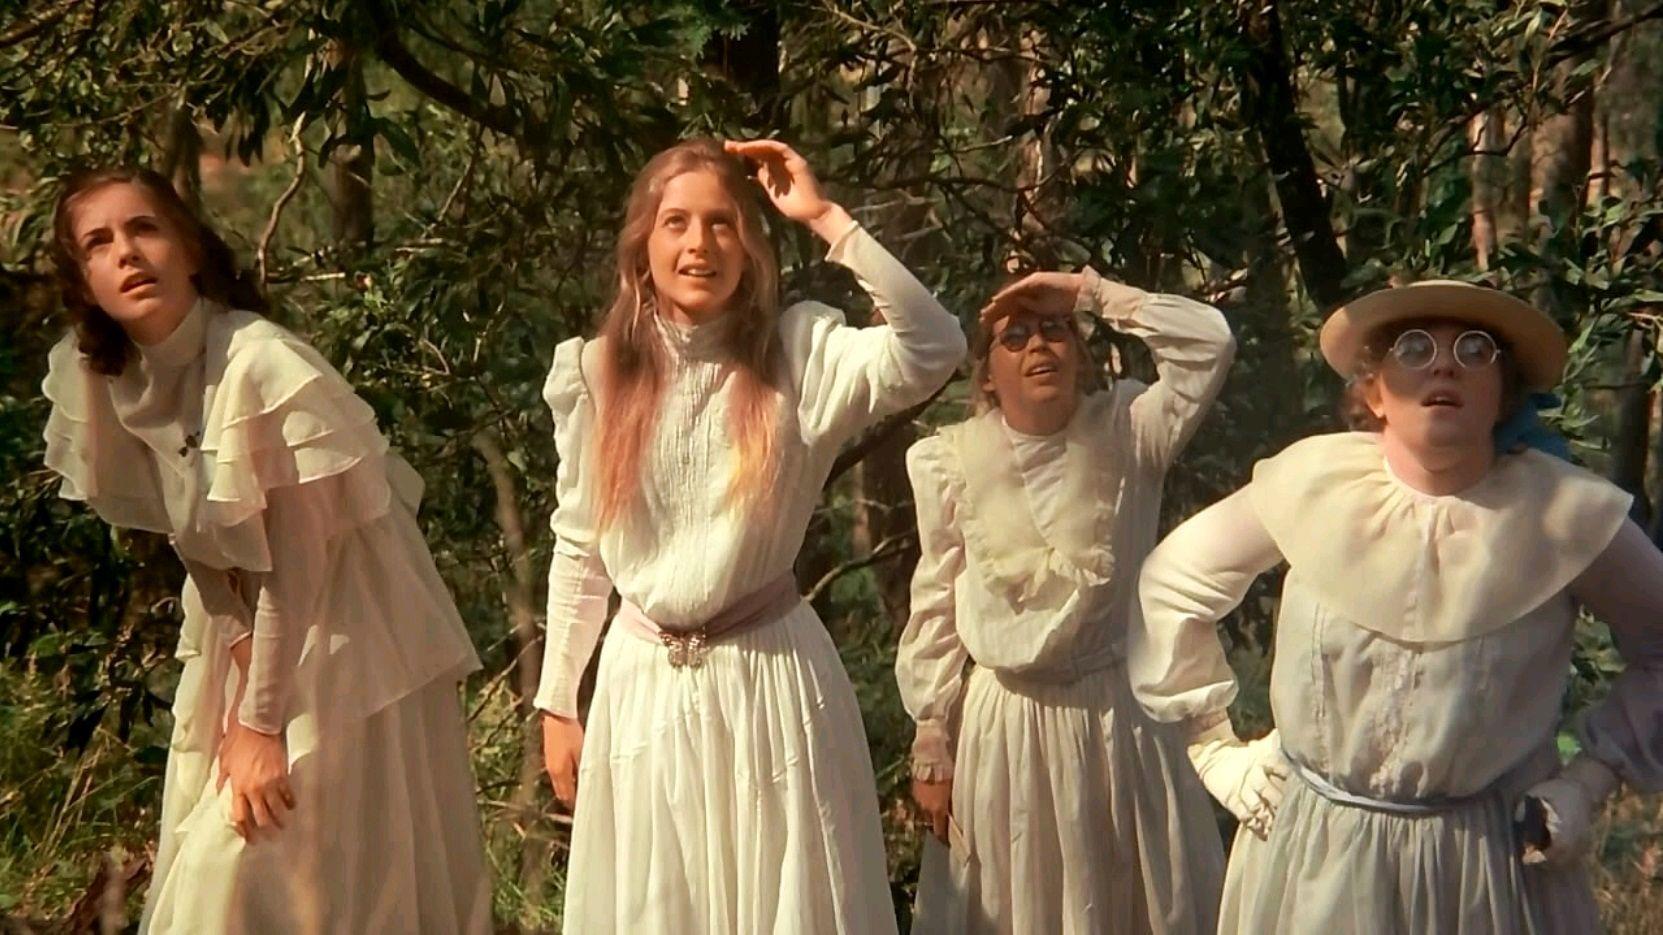 Luchshie-filmyi-v-retsenziyah-Piknik-u-Visyachey-skalyi-Picnic-at-Hanging-Rock-1975-2